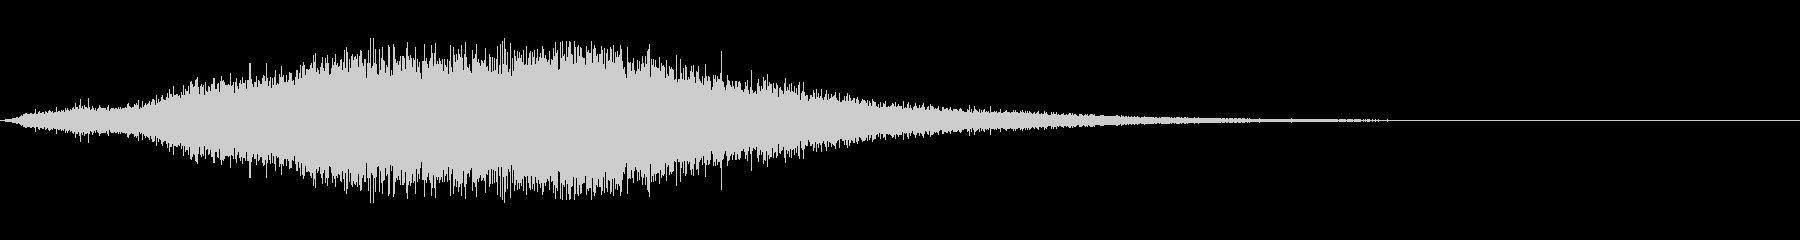 シニスタースピリットスクリーチの未再生の波形